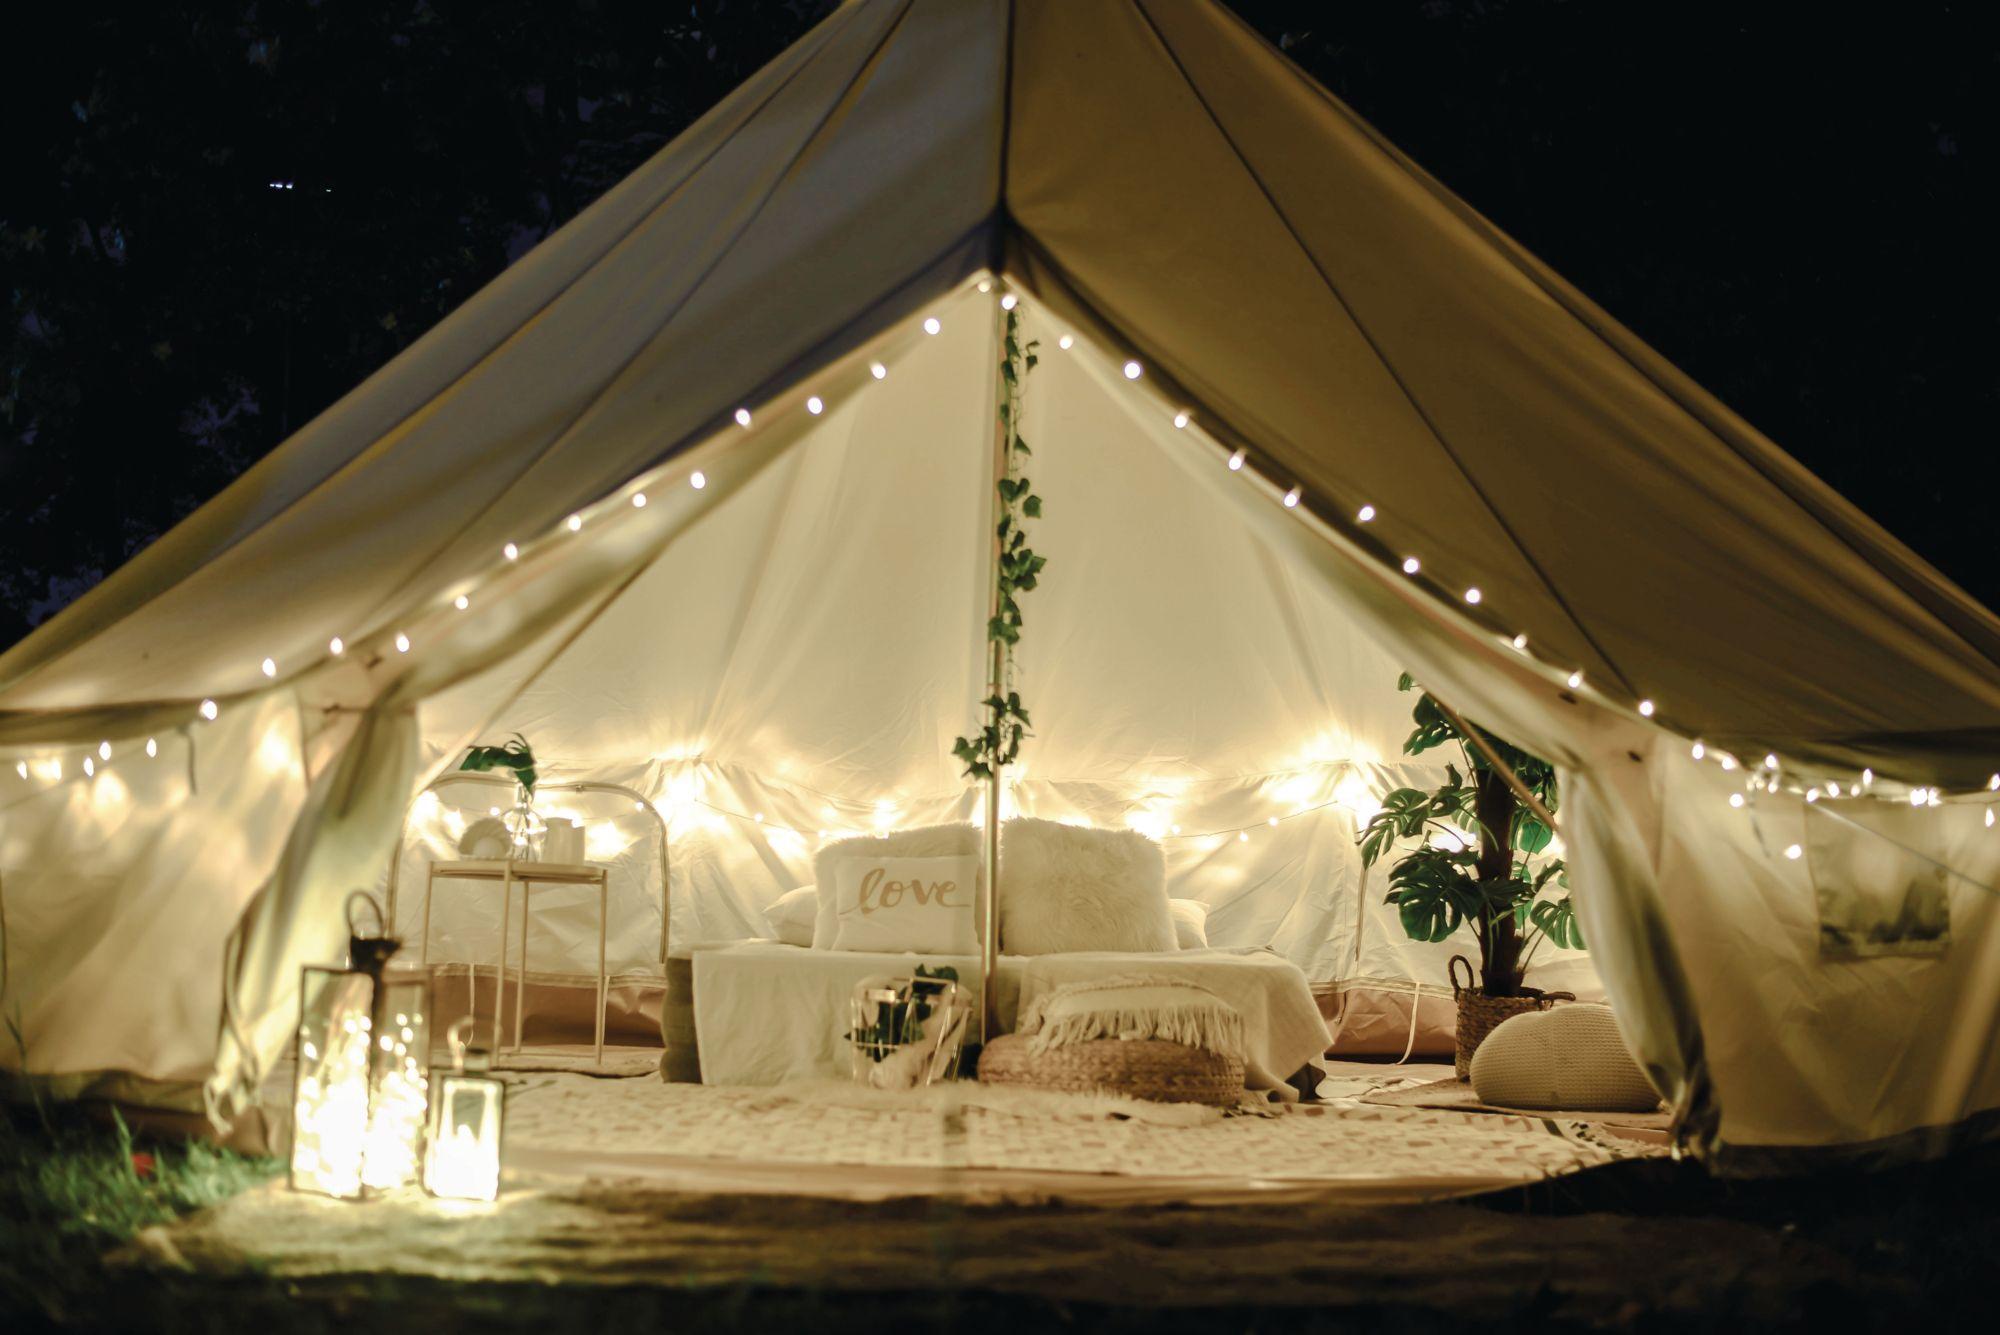 Tatler露營指南:4種雅痞露營提案,最精緻講究的戶外探險